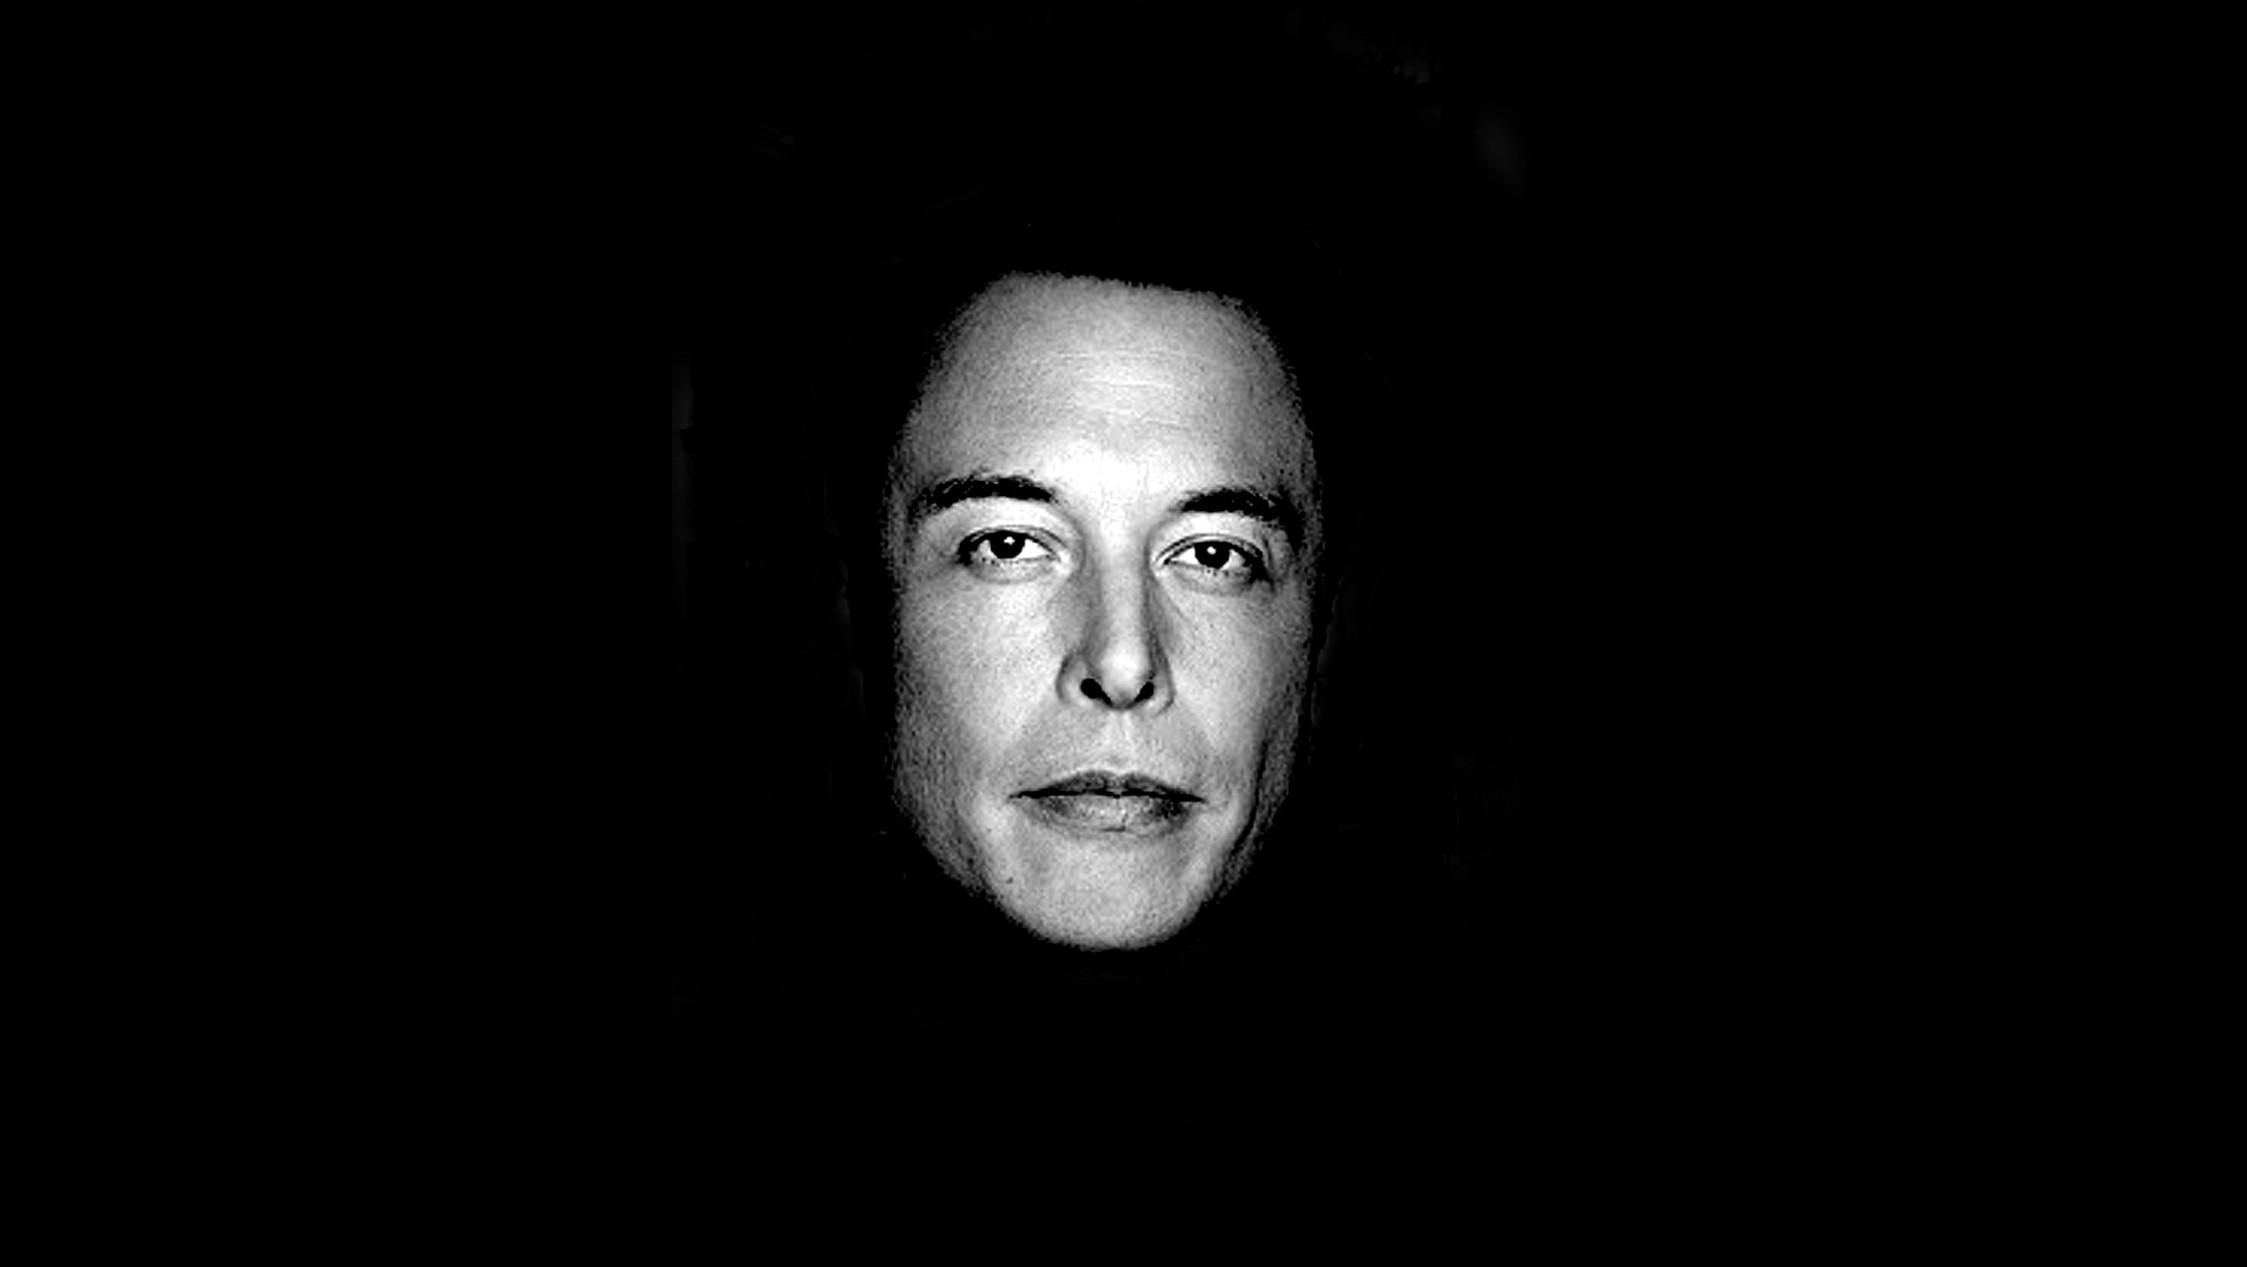 Os planos de Elon Musk para colonizar Marte são realmente possíveis? -